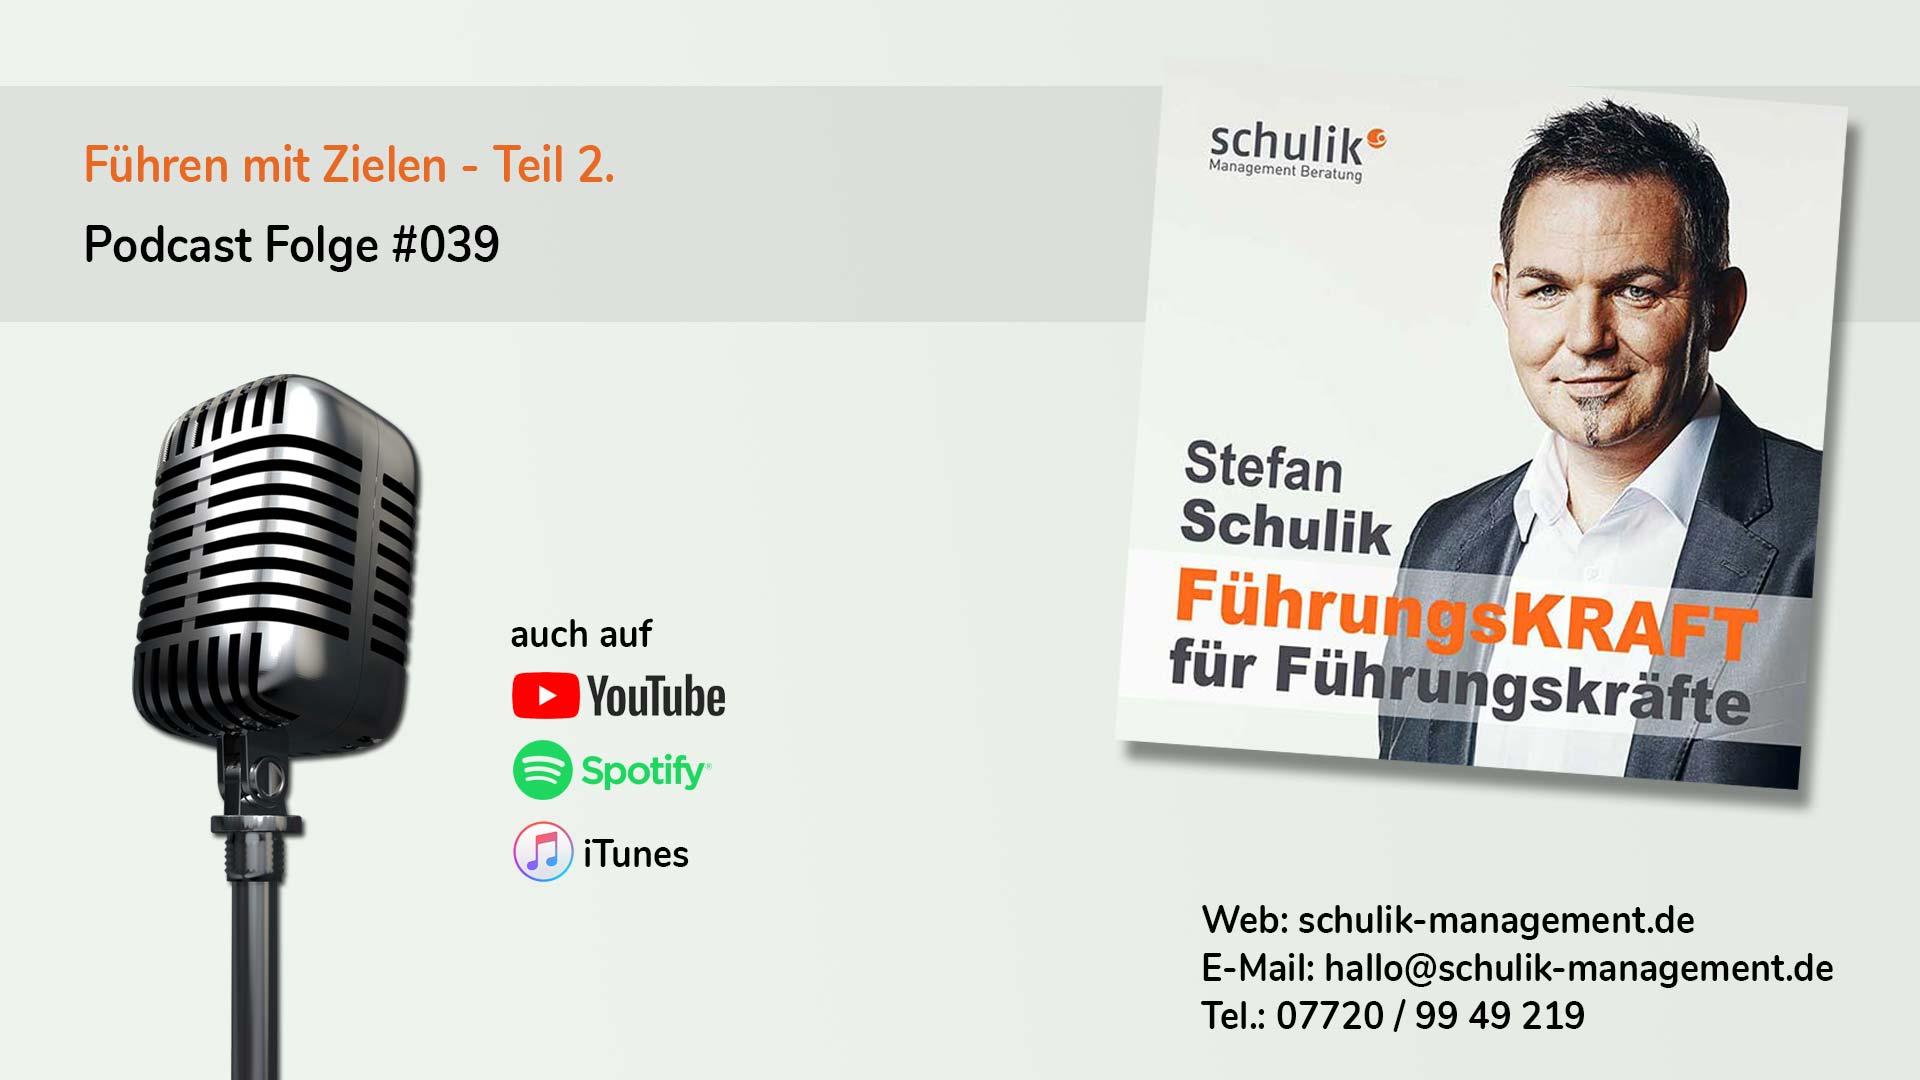 Führen Mit Zielen  (Teil 2.) – Podcast Folge #039